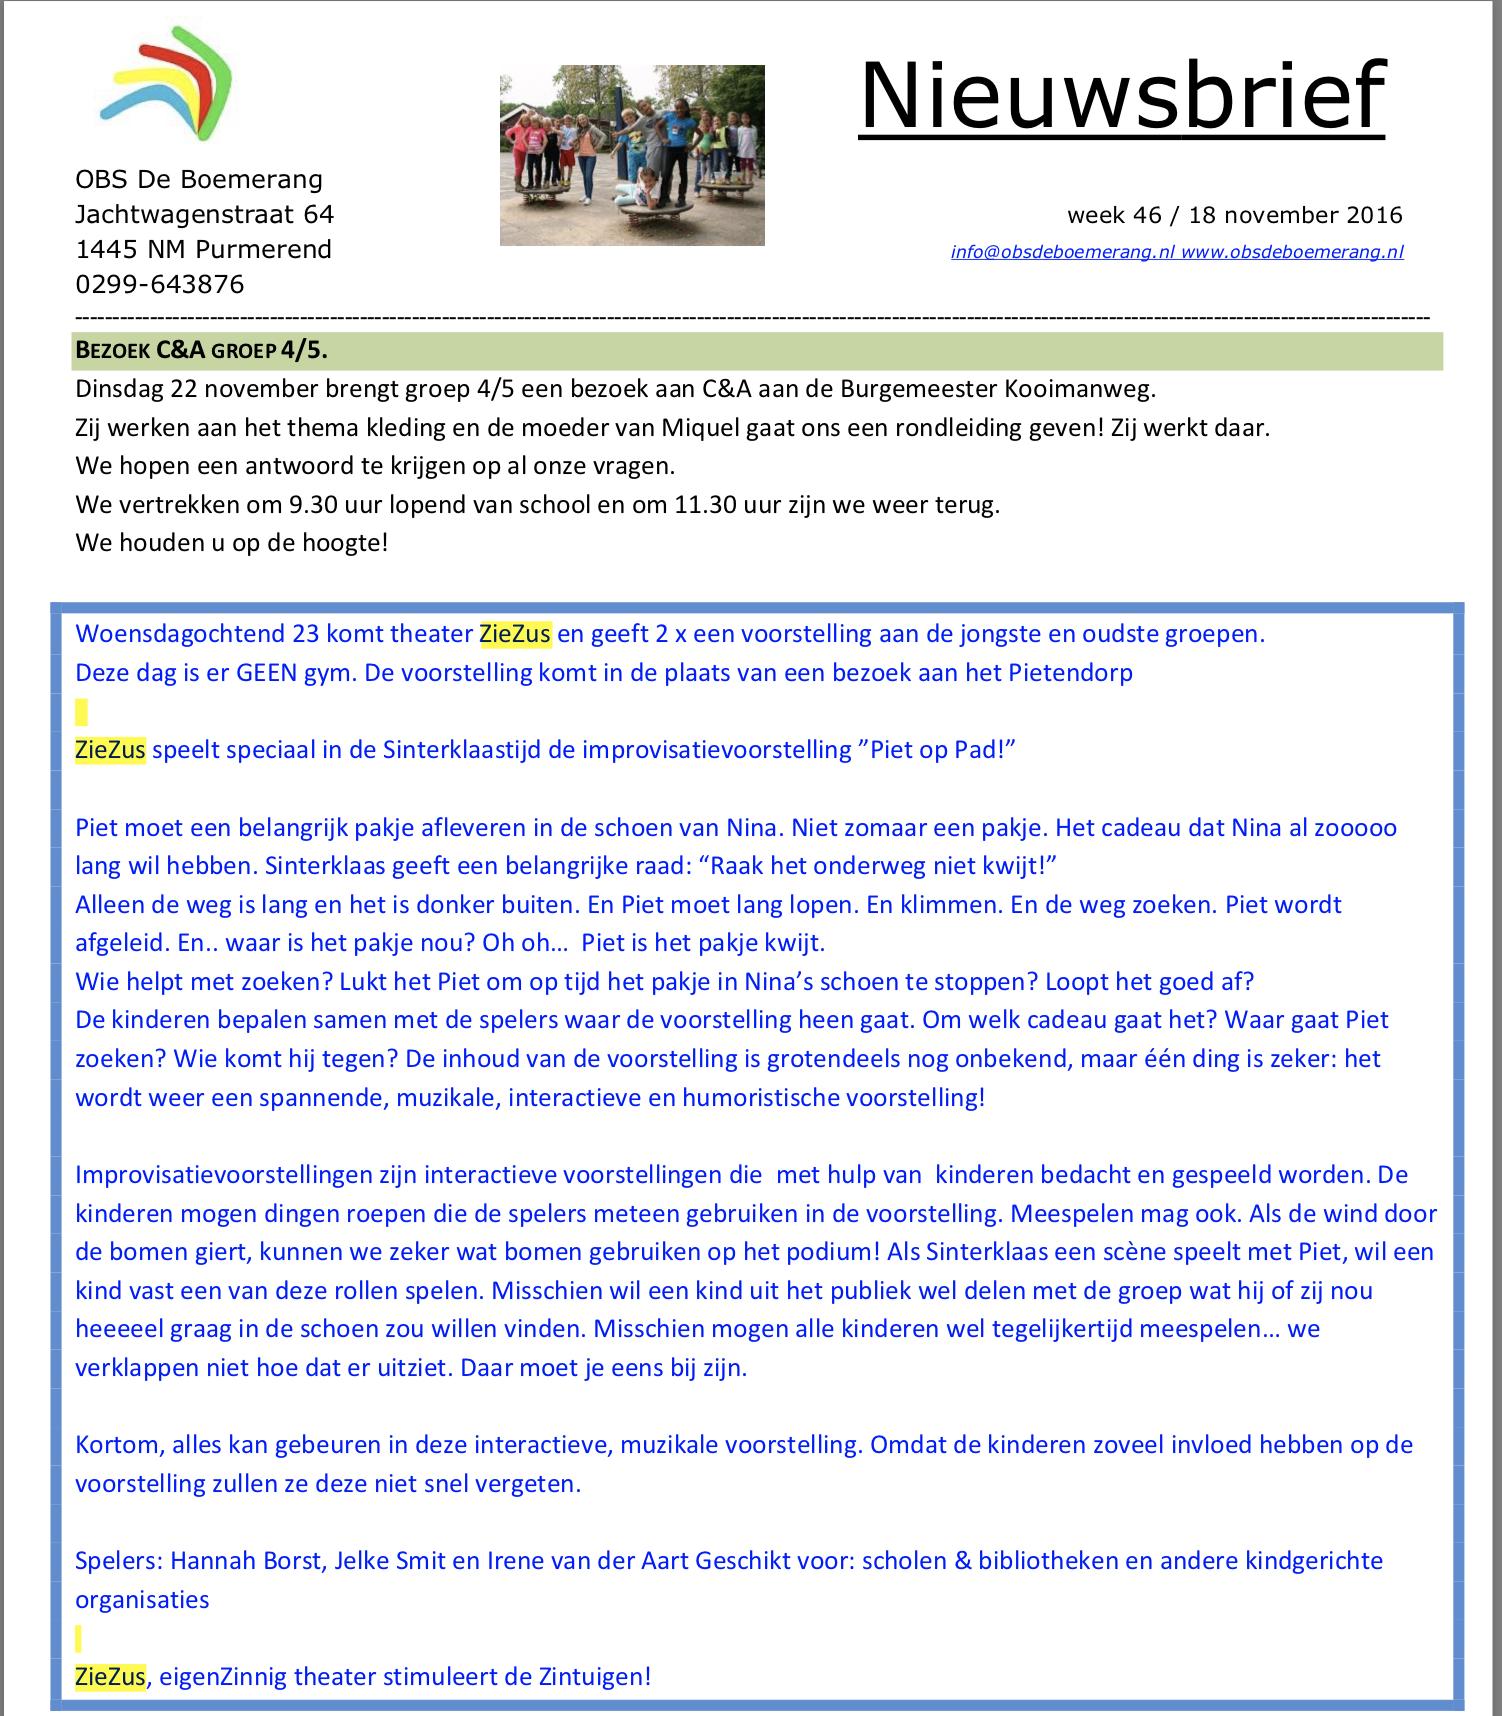 ZieZus sinterklaasvoorstelling Piet op pad OBS de Boemrang Purmerend